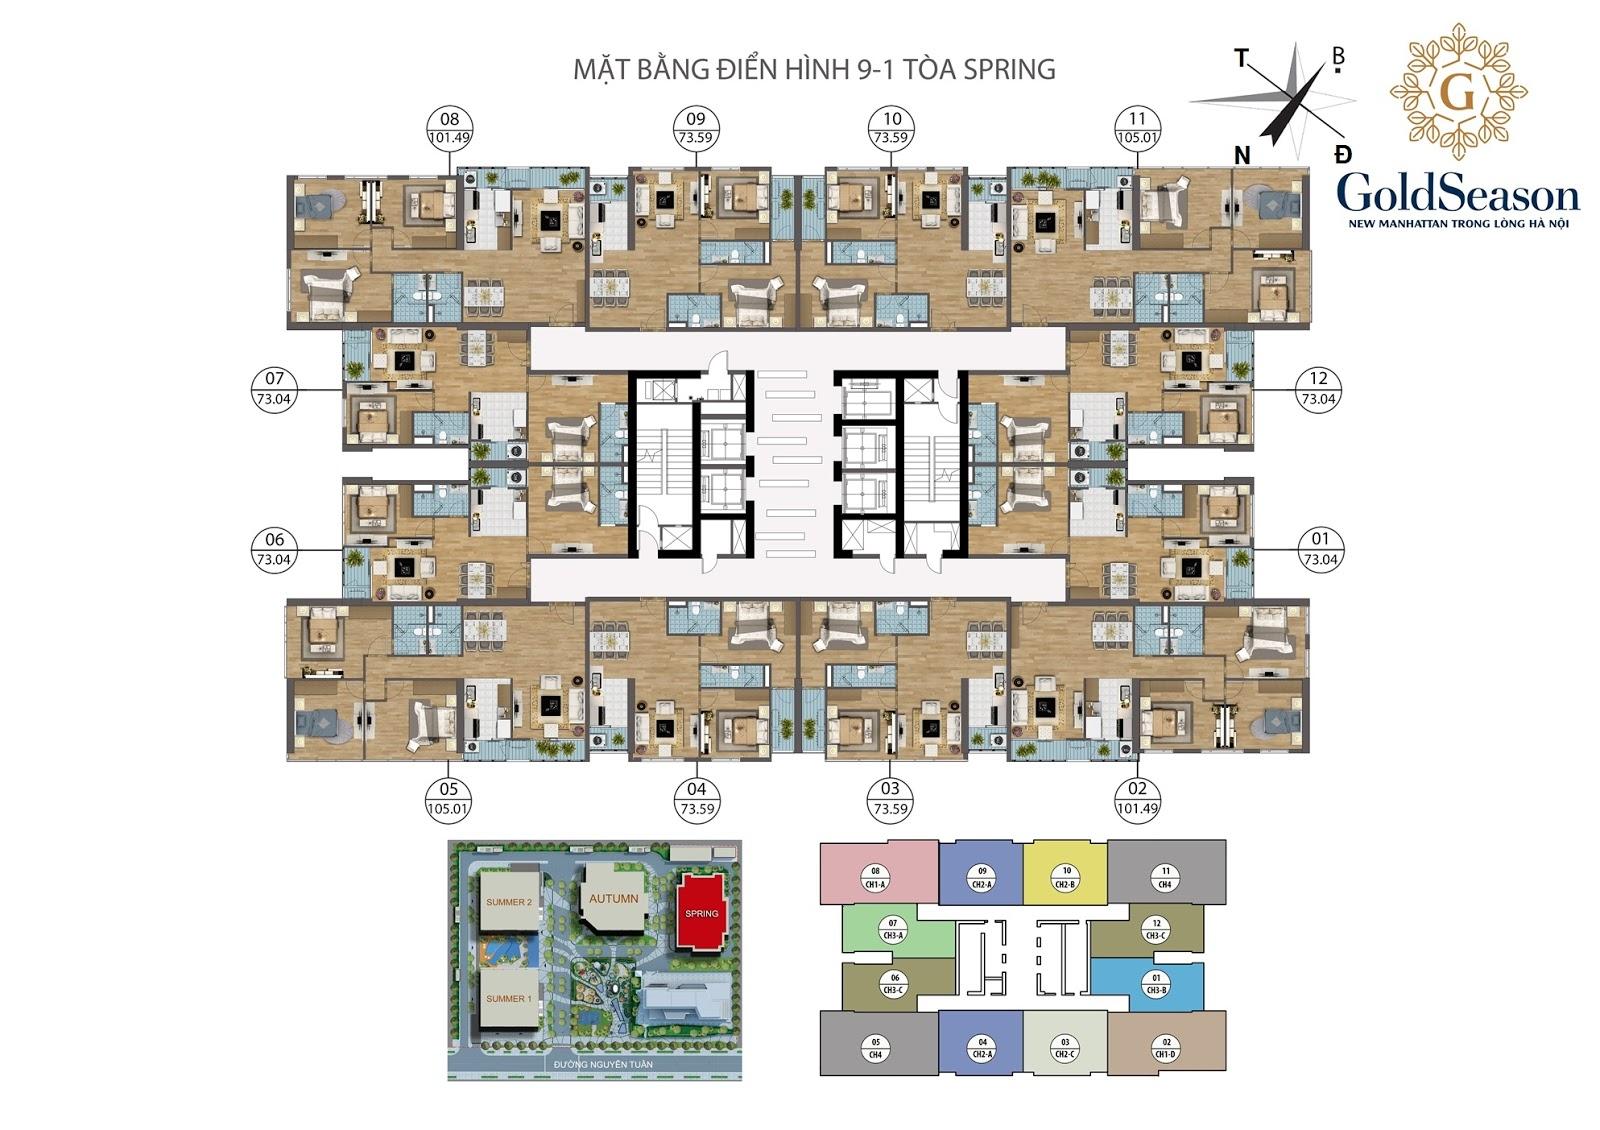 Thiết kế mặt bằng điển hình tòa spring của chung cư Goldseason